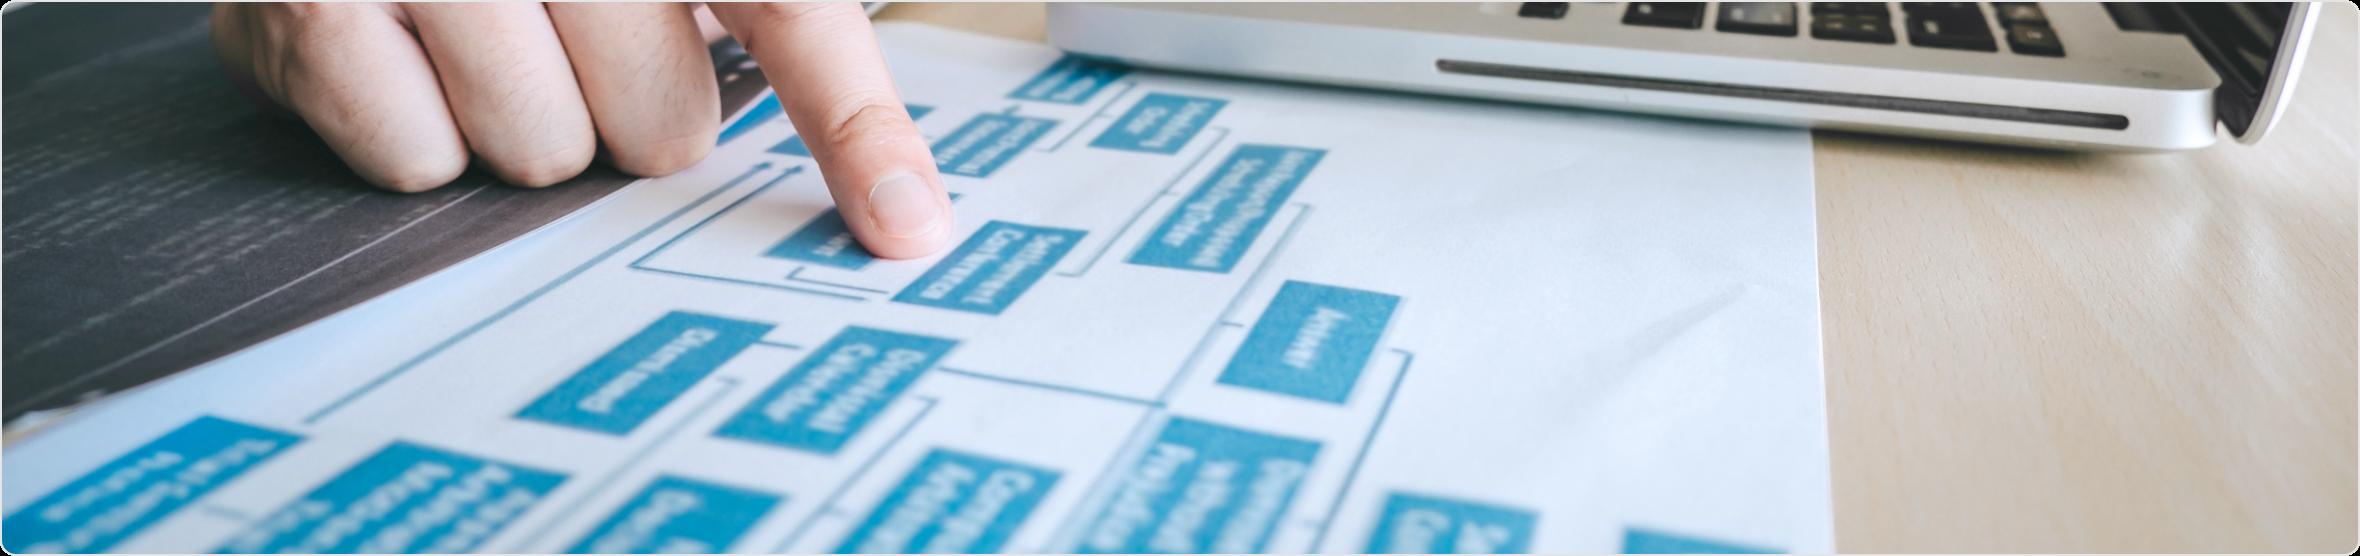 Conception UX-UI : Démarrer votre projet digital